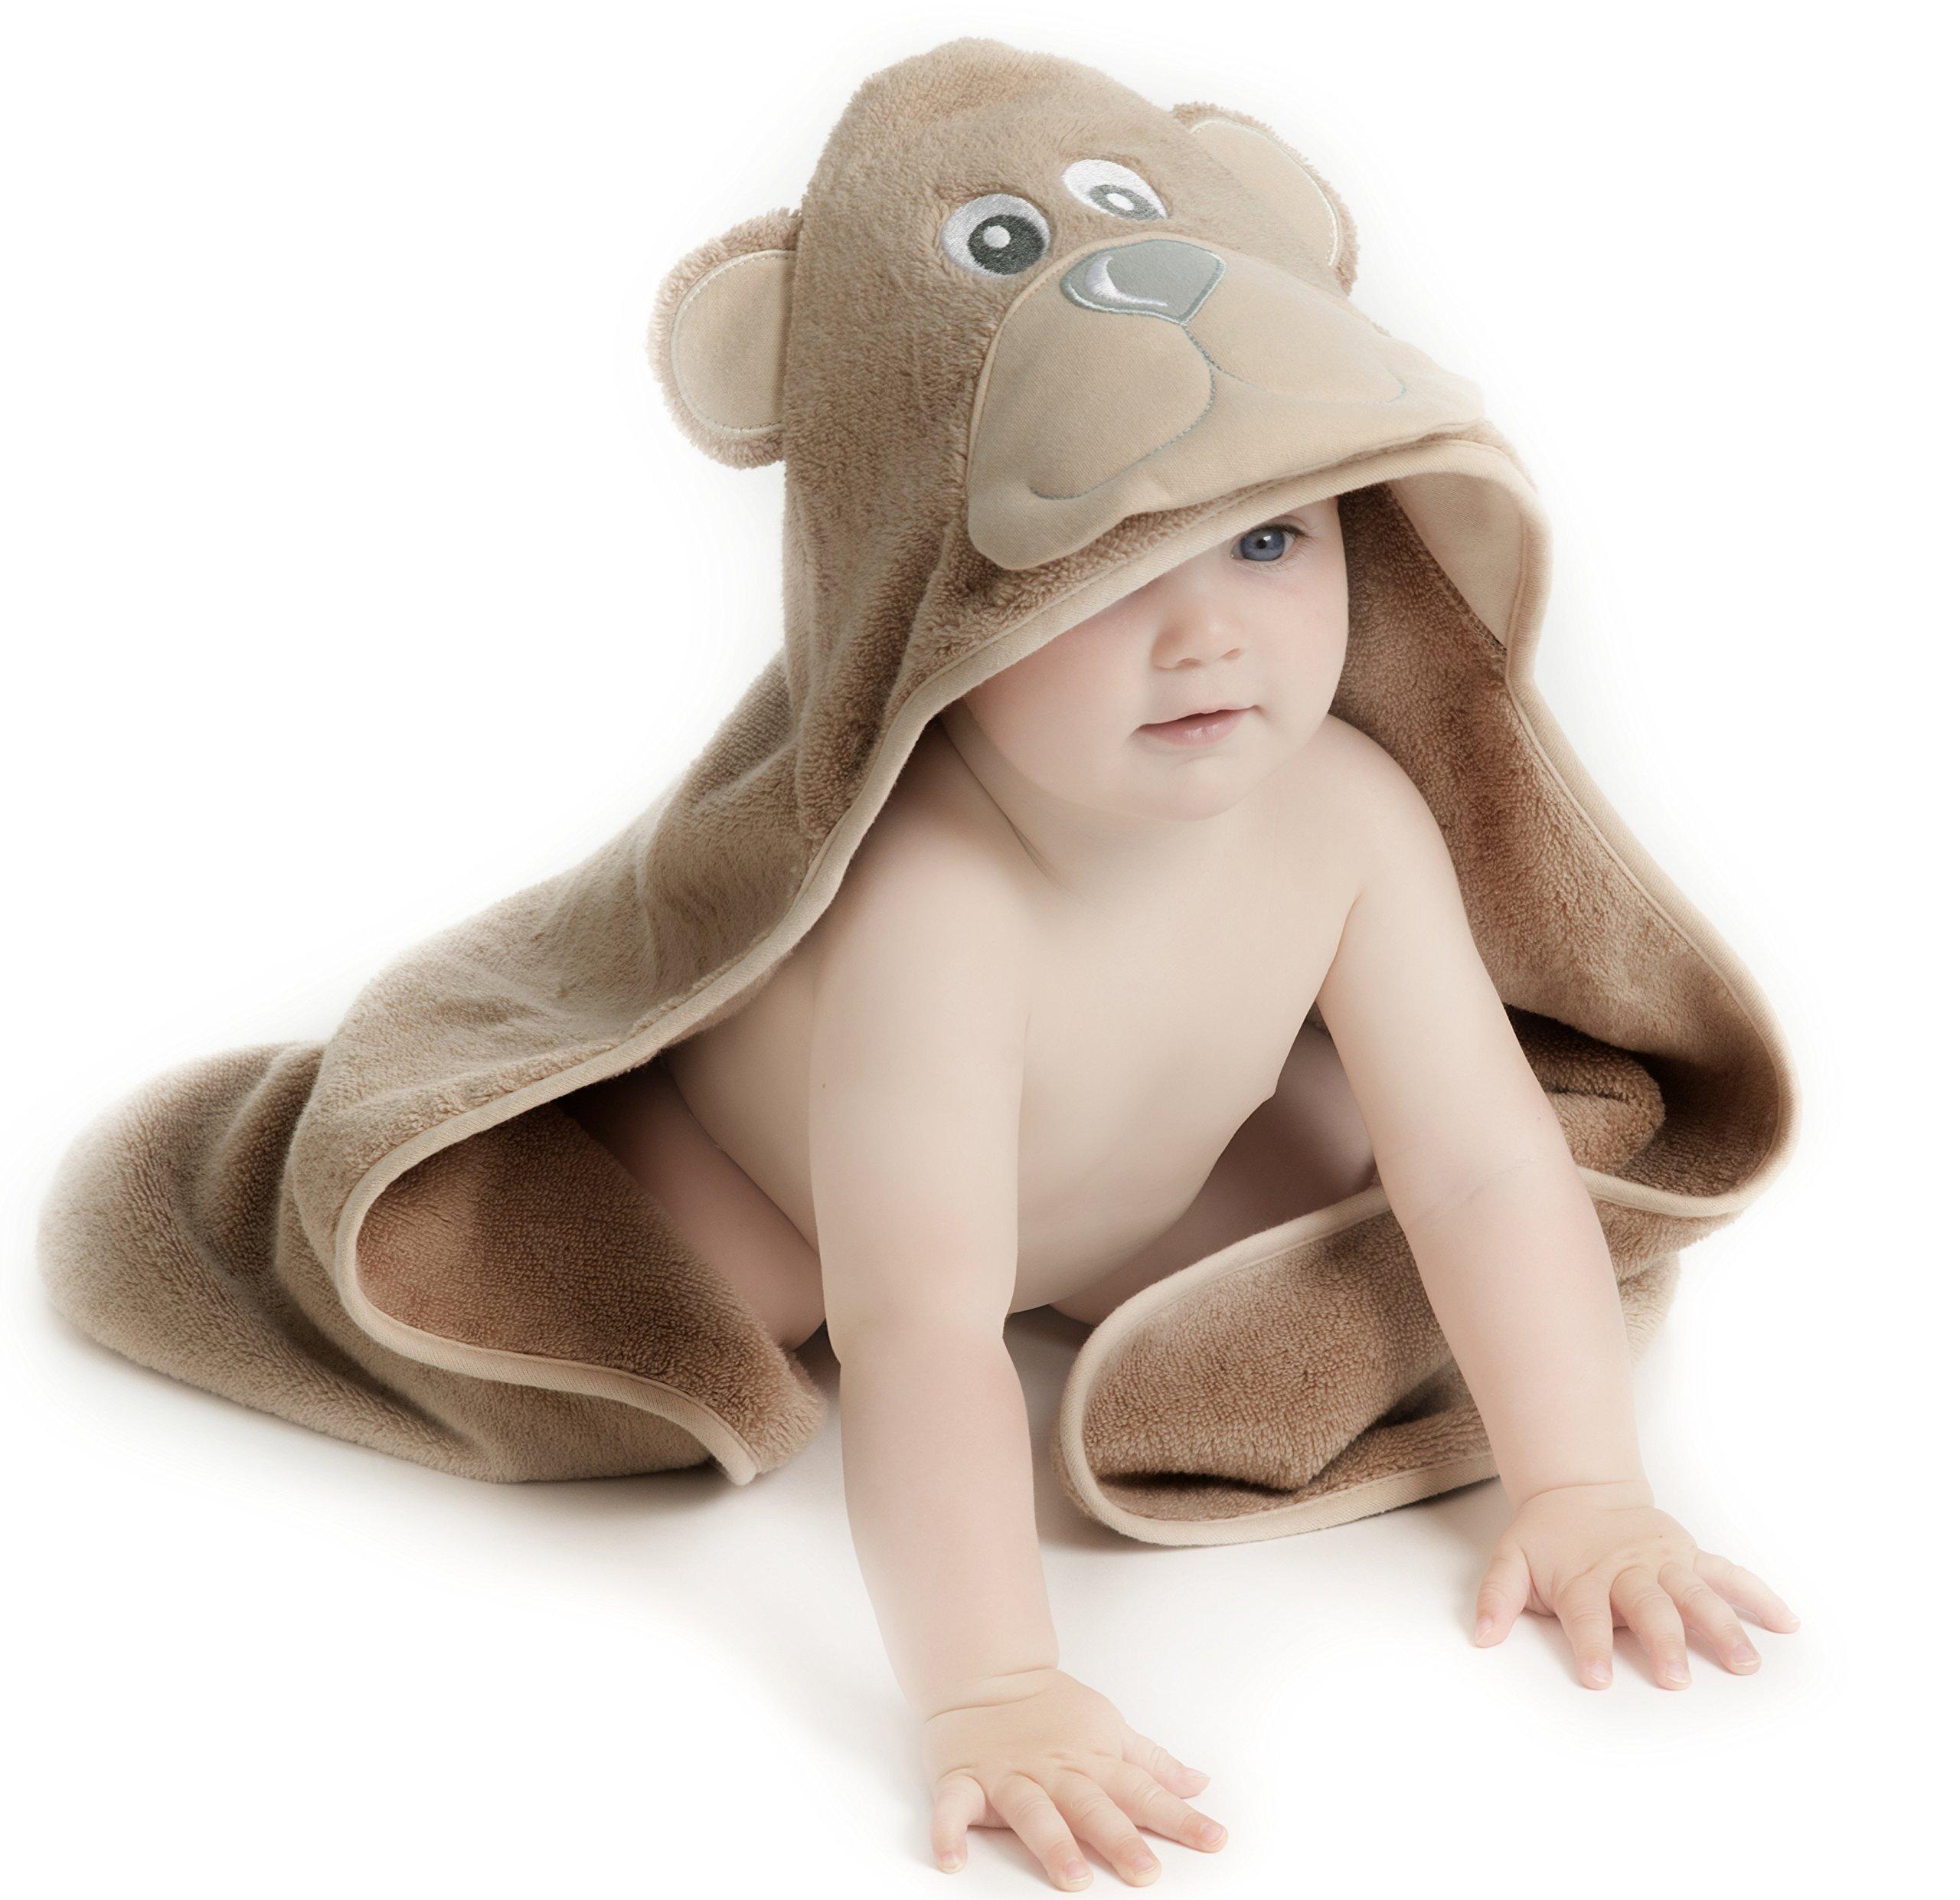 Little Tinkers World Toalla de bebé con capucha de oso EXTRA SUAVE - Toalla de baño